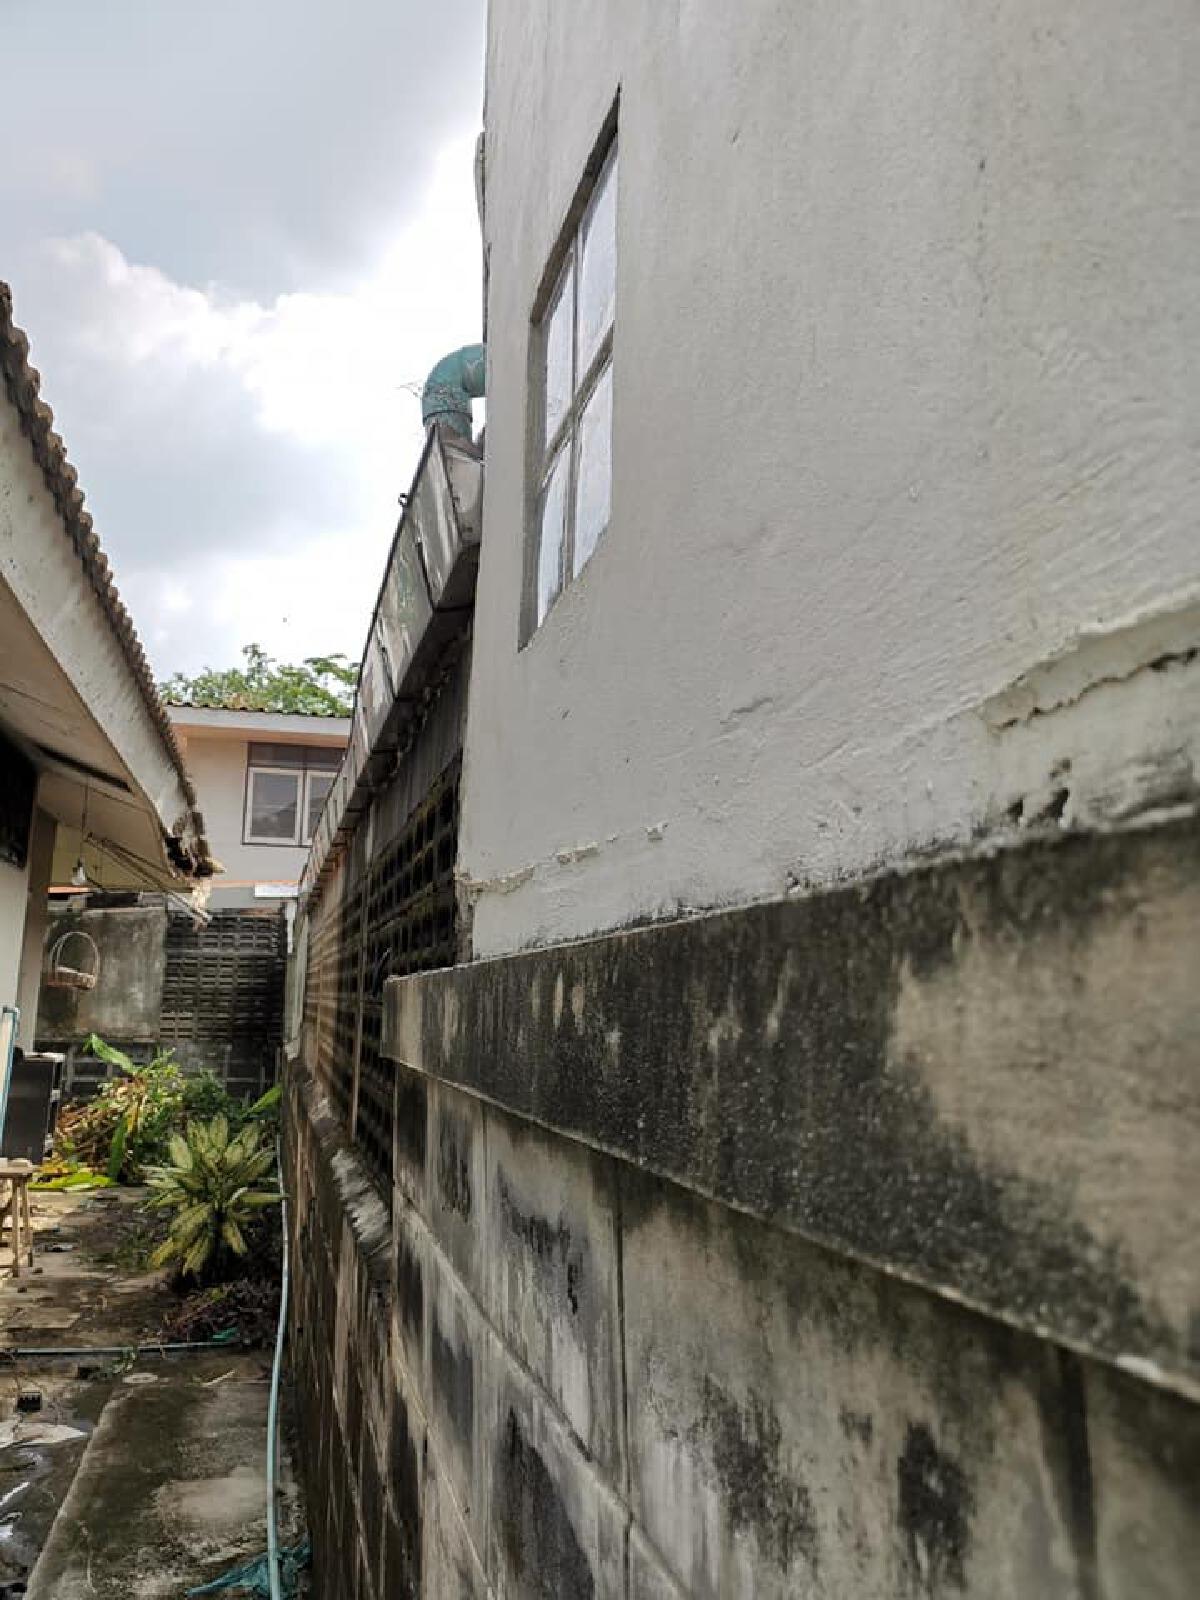 เจ้าของบ้านสุดทน เจอเพื่อนบ้านแสบ ต่อเติมติดรั้ว รางน้ำล้นเข้ามาในบ้าน